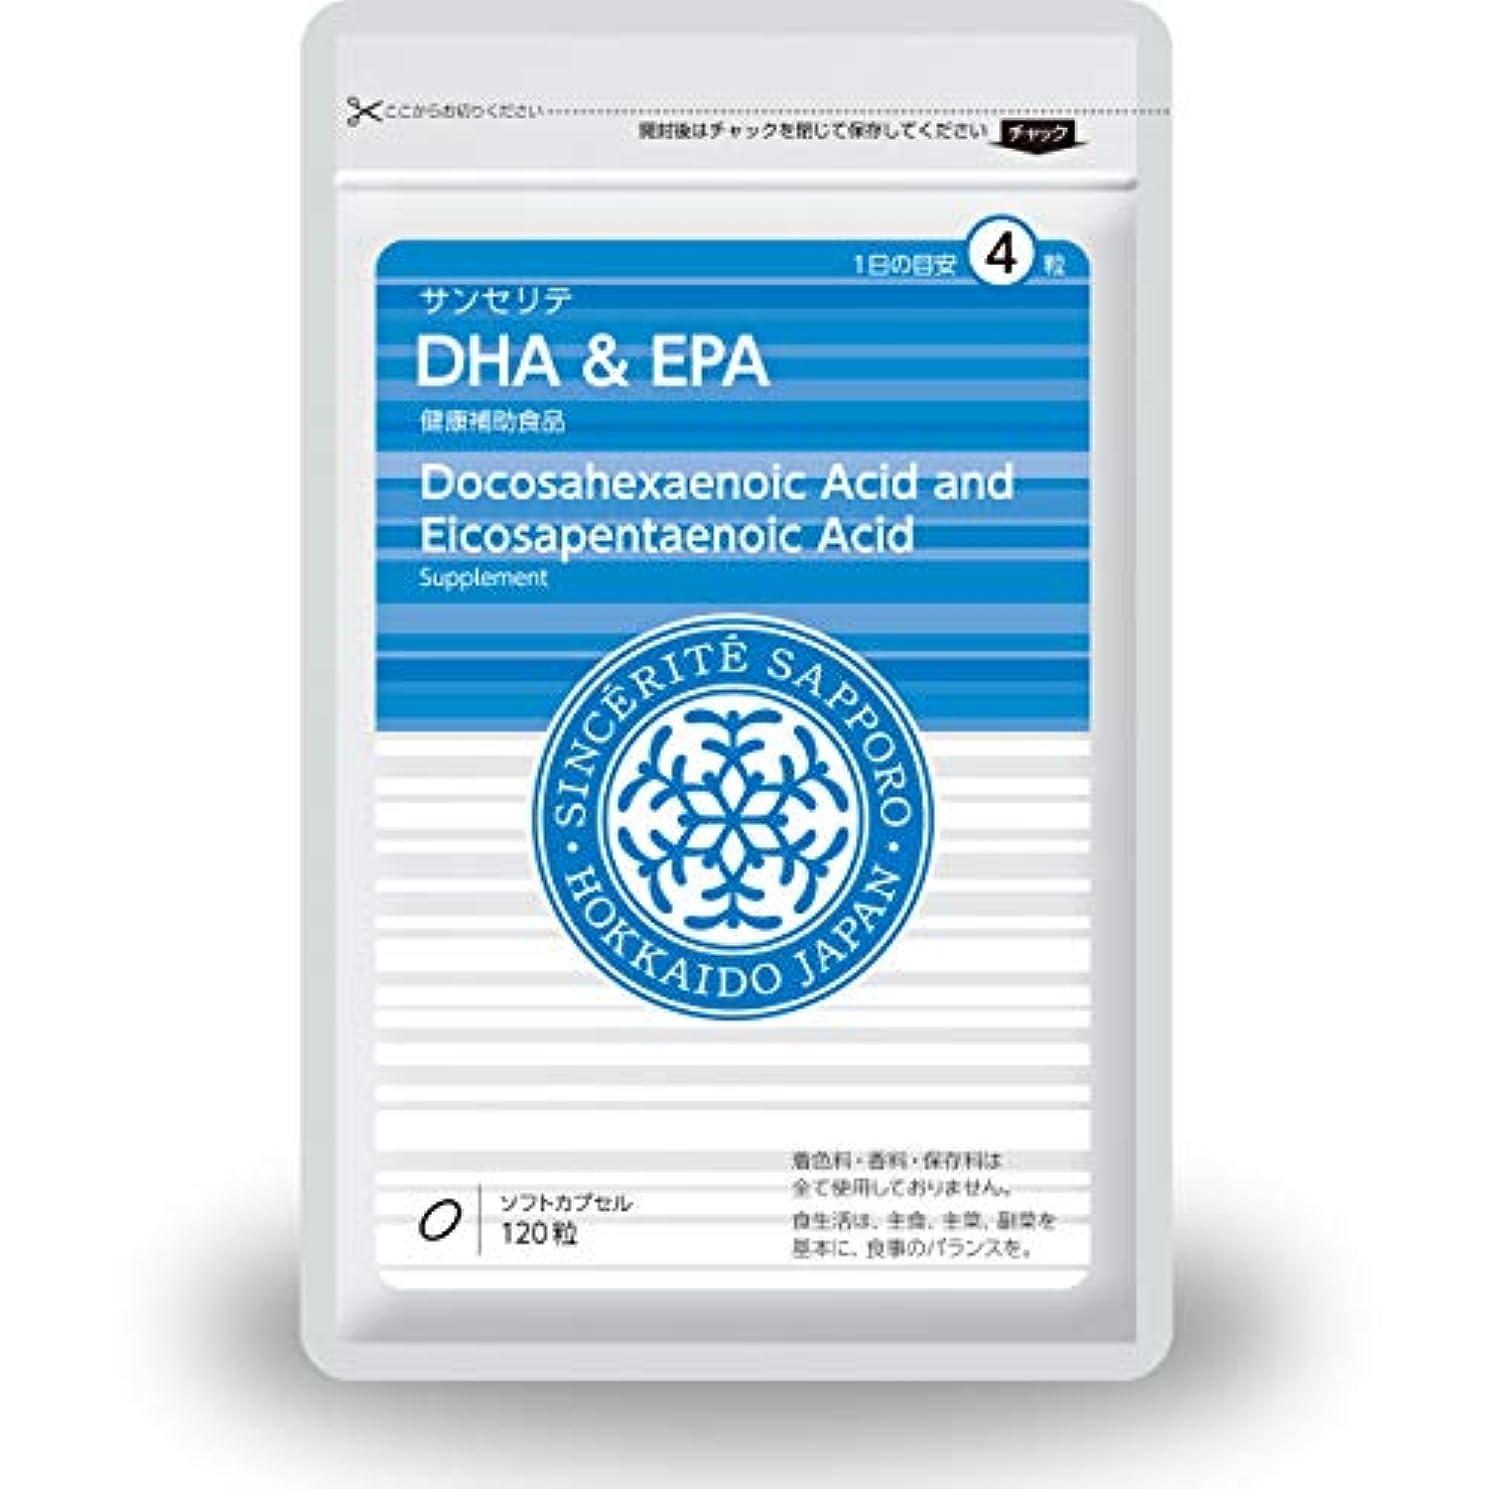 指標エロチックスポンサーDHA&EPA[送料無料][DHA]433mg配合[国内製造]しっかり30日分